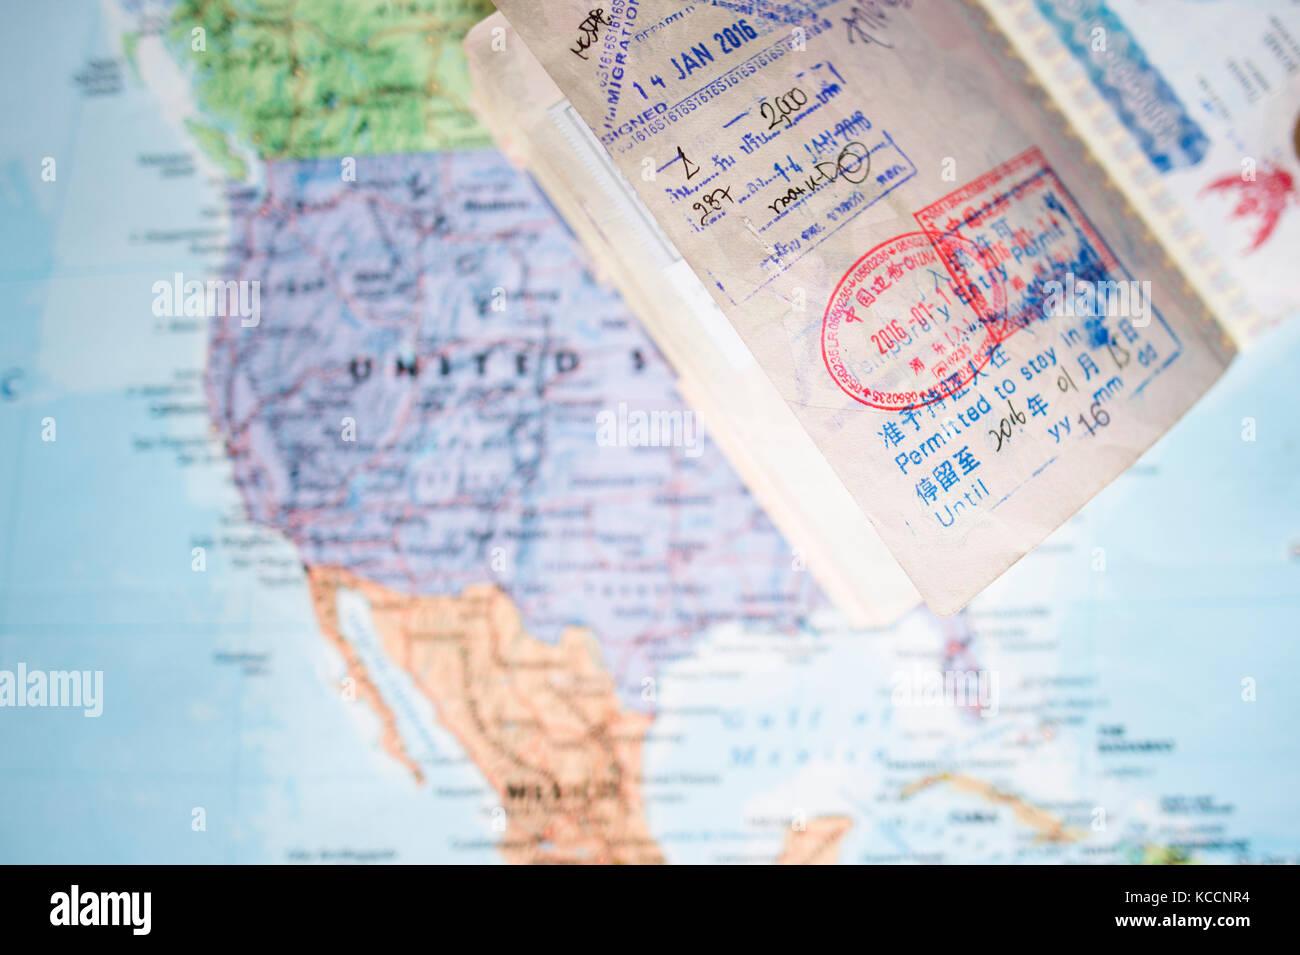 Mexiko Karte Welt.Selektive Fokus Einen Reisepass Mit Stempel Ist Auf Eine